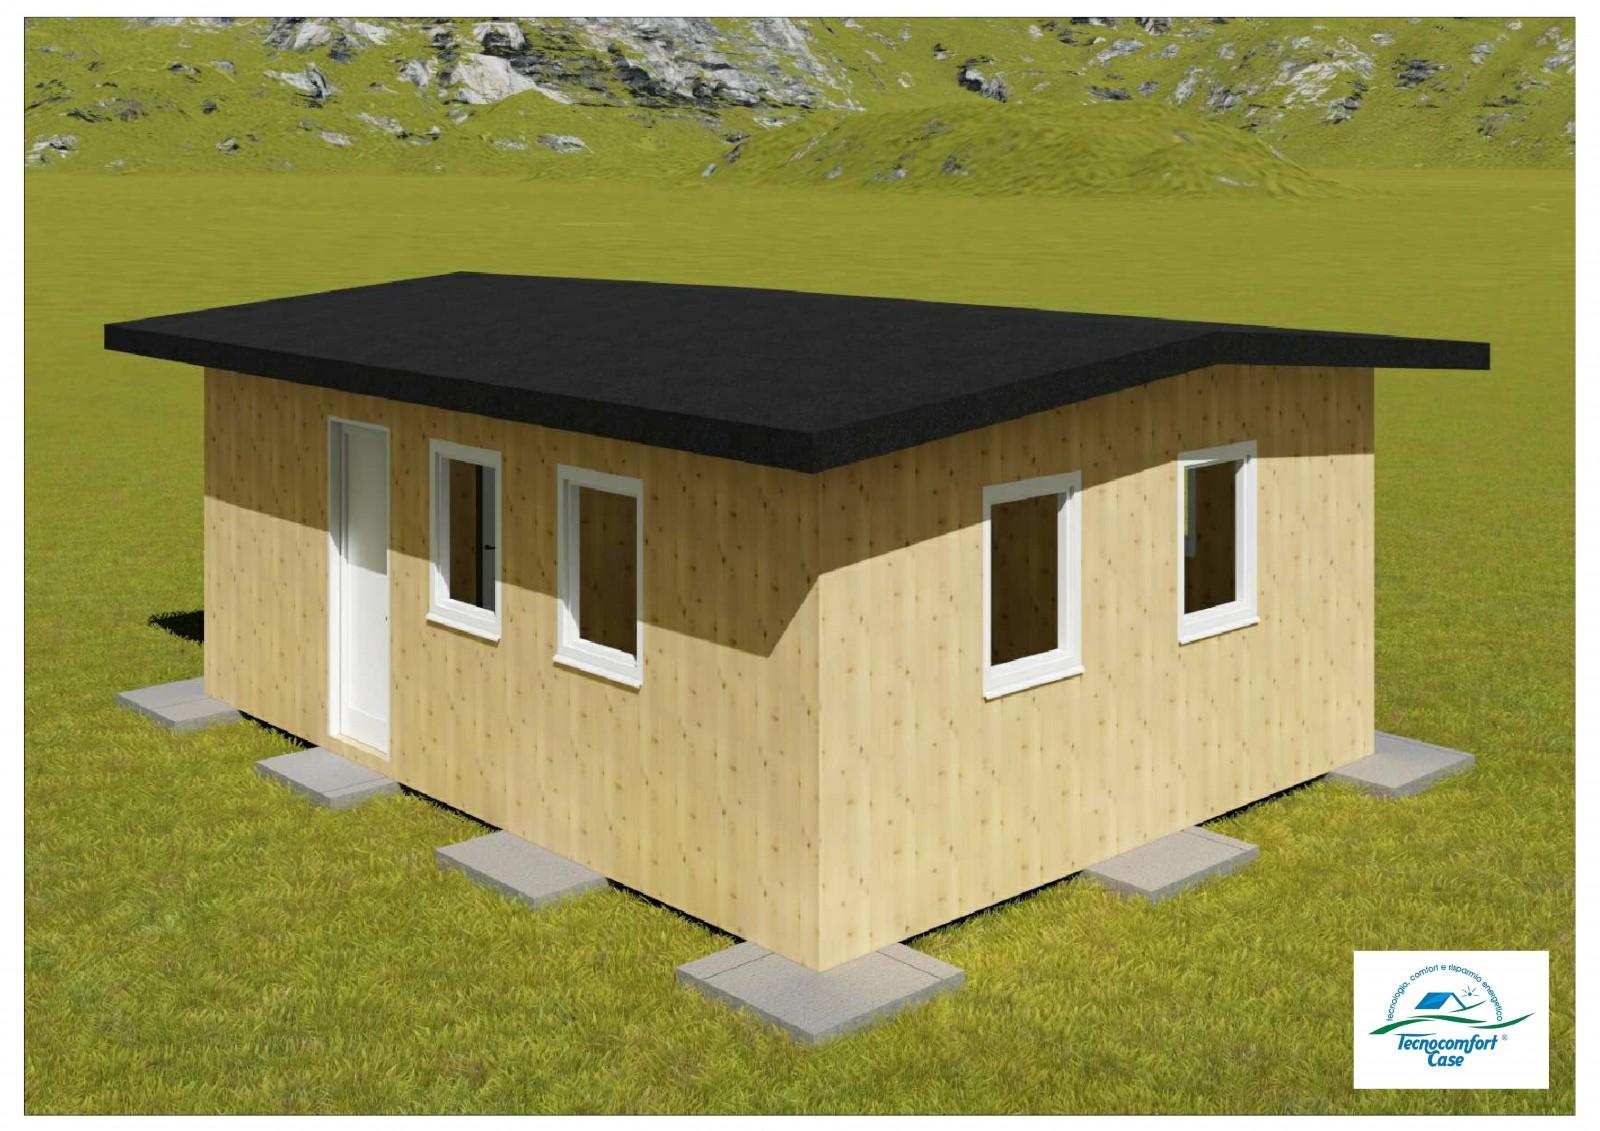 moduli abitativi temporanei zone terremotate